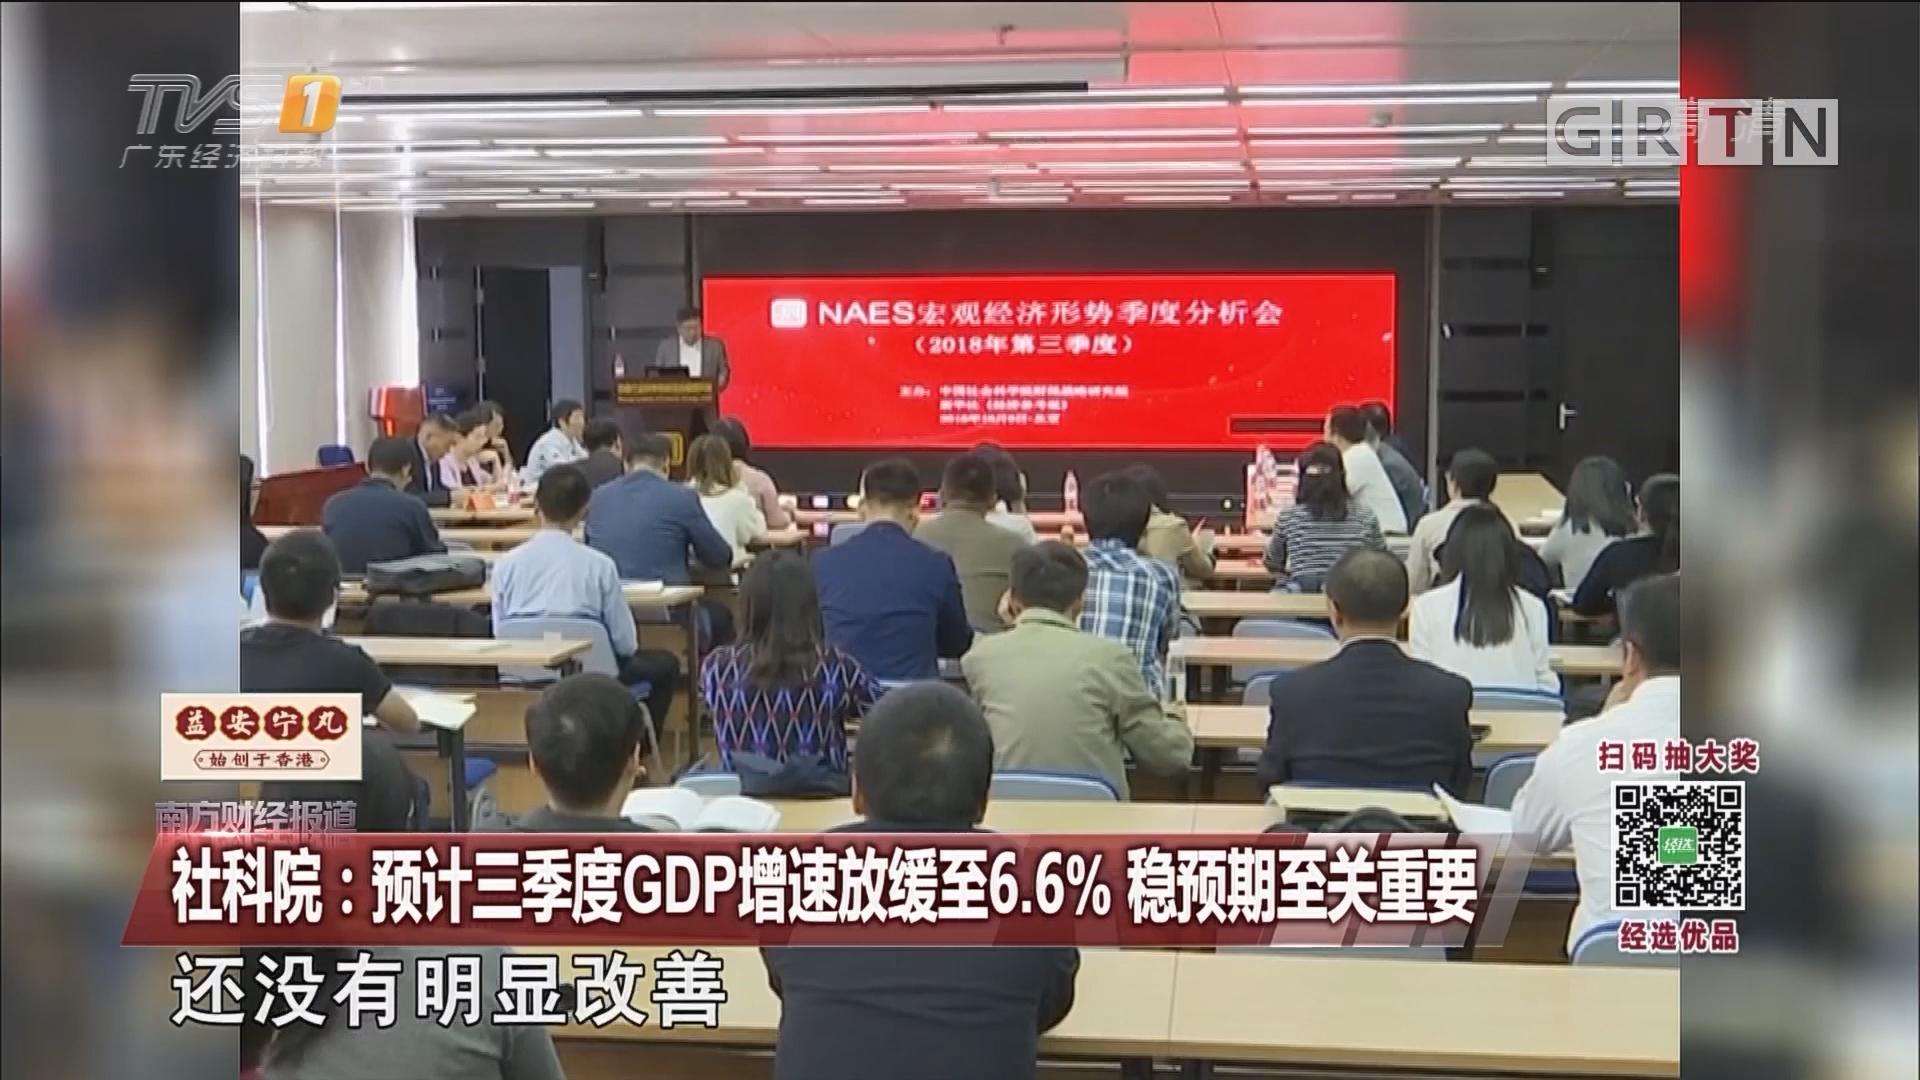 社科院:预计三季度GDP增速放缓至6.6% 稳预期至关重要